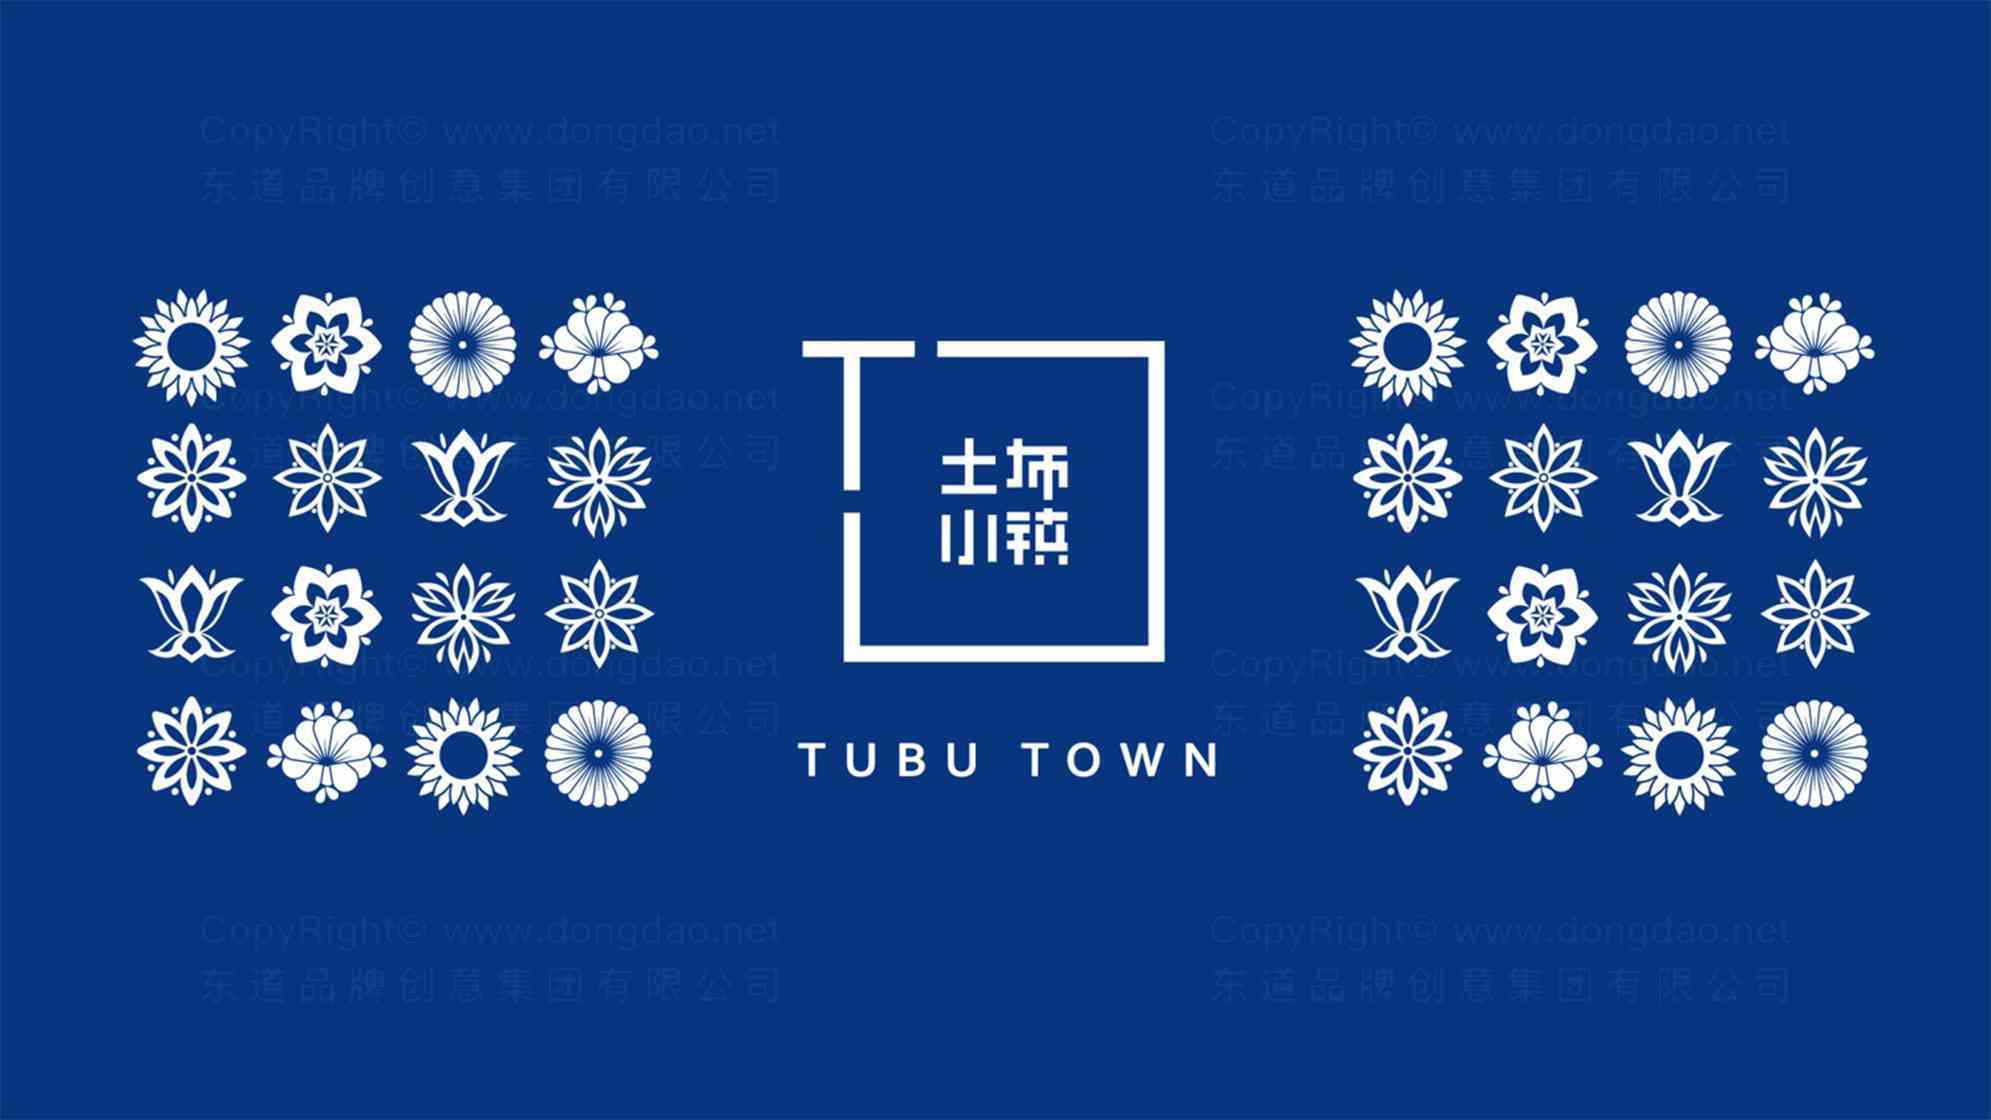 贞丰县土布小镇旅游景点logo设计、vi设计